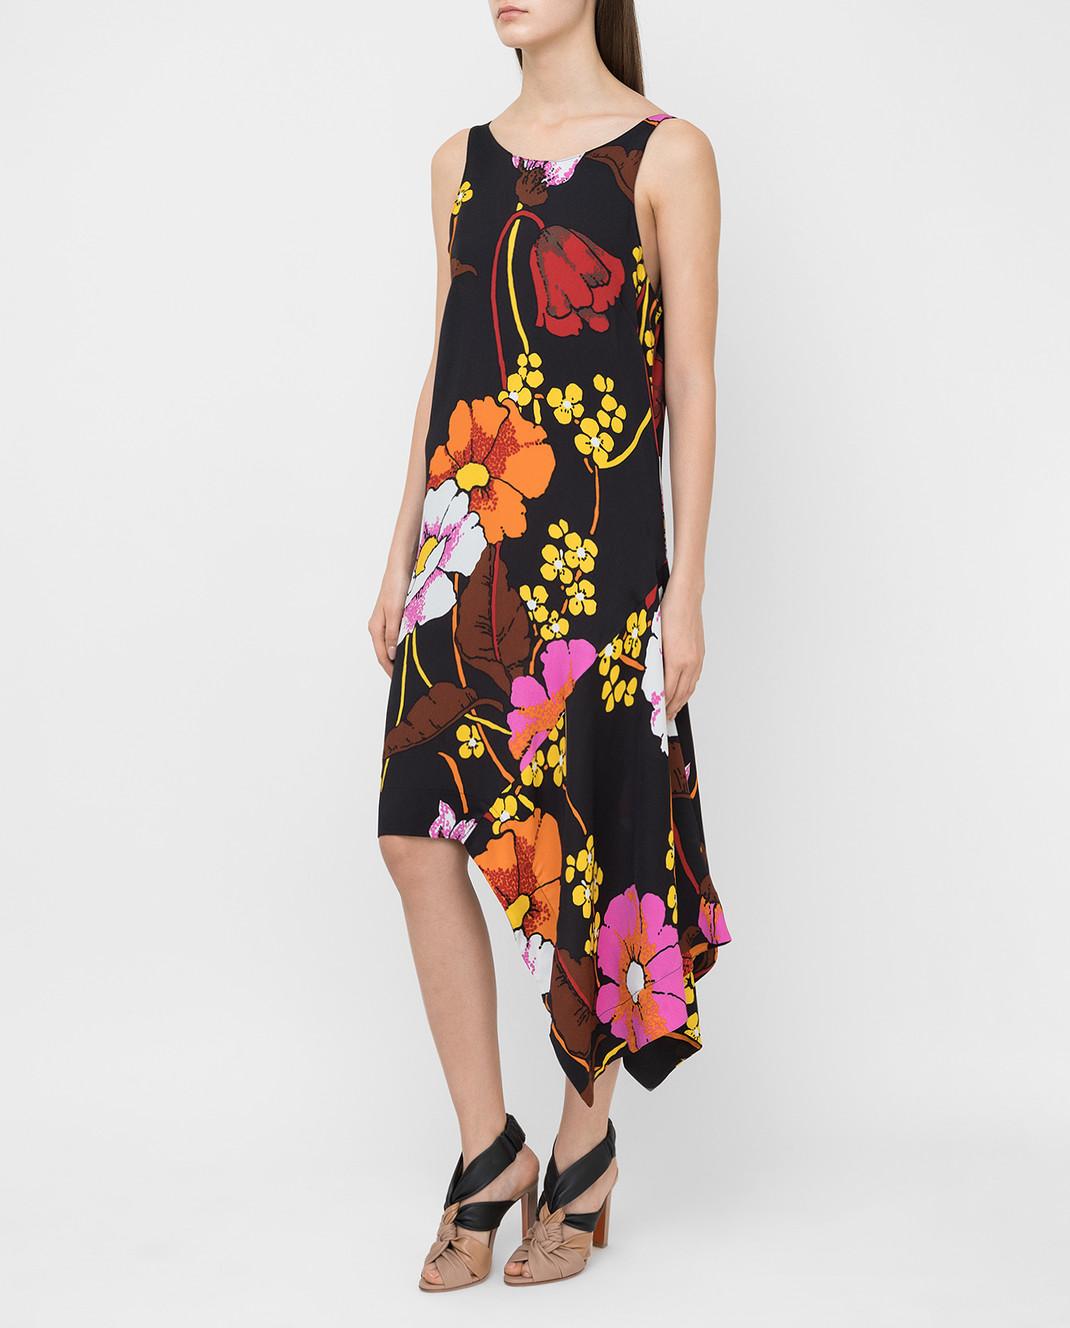 Marni Черное платье ABMAT50A00TV457 изображение 3